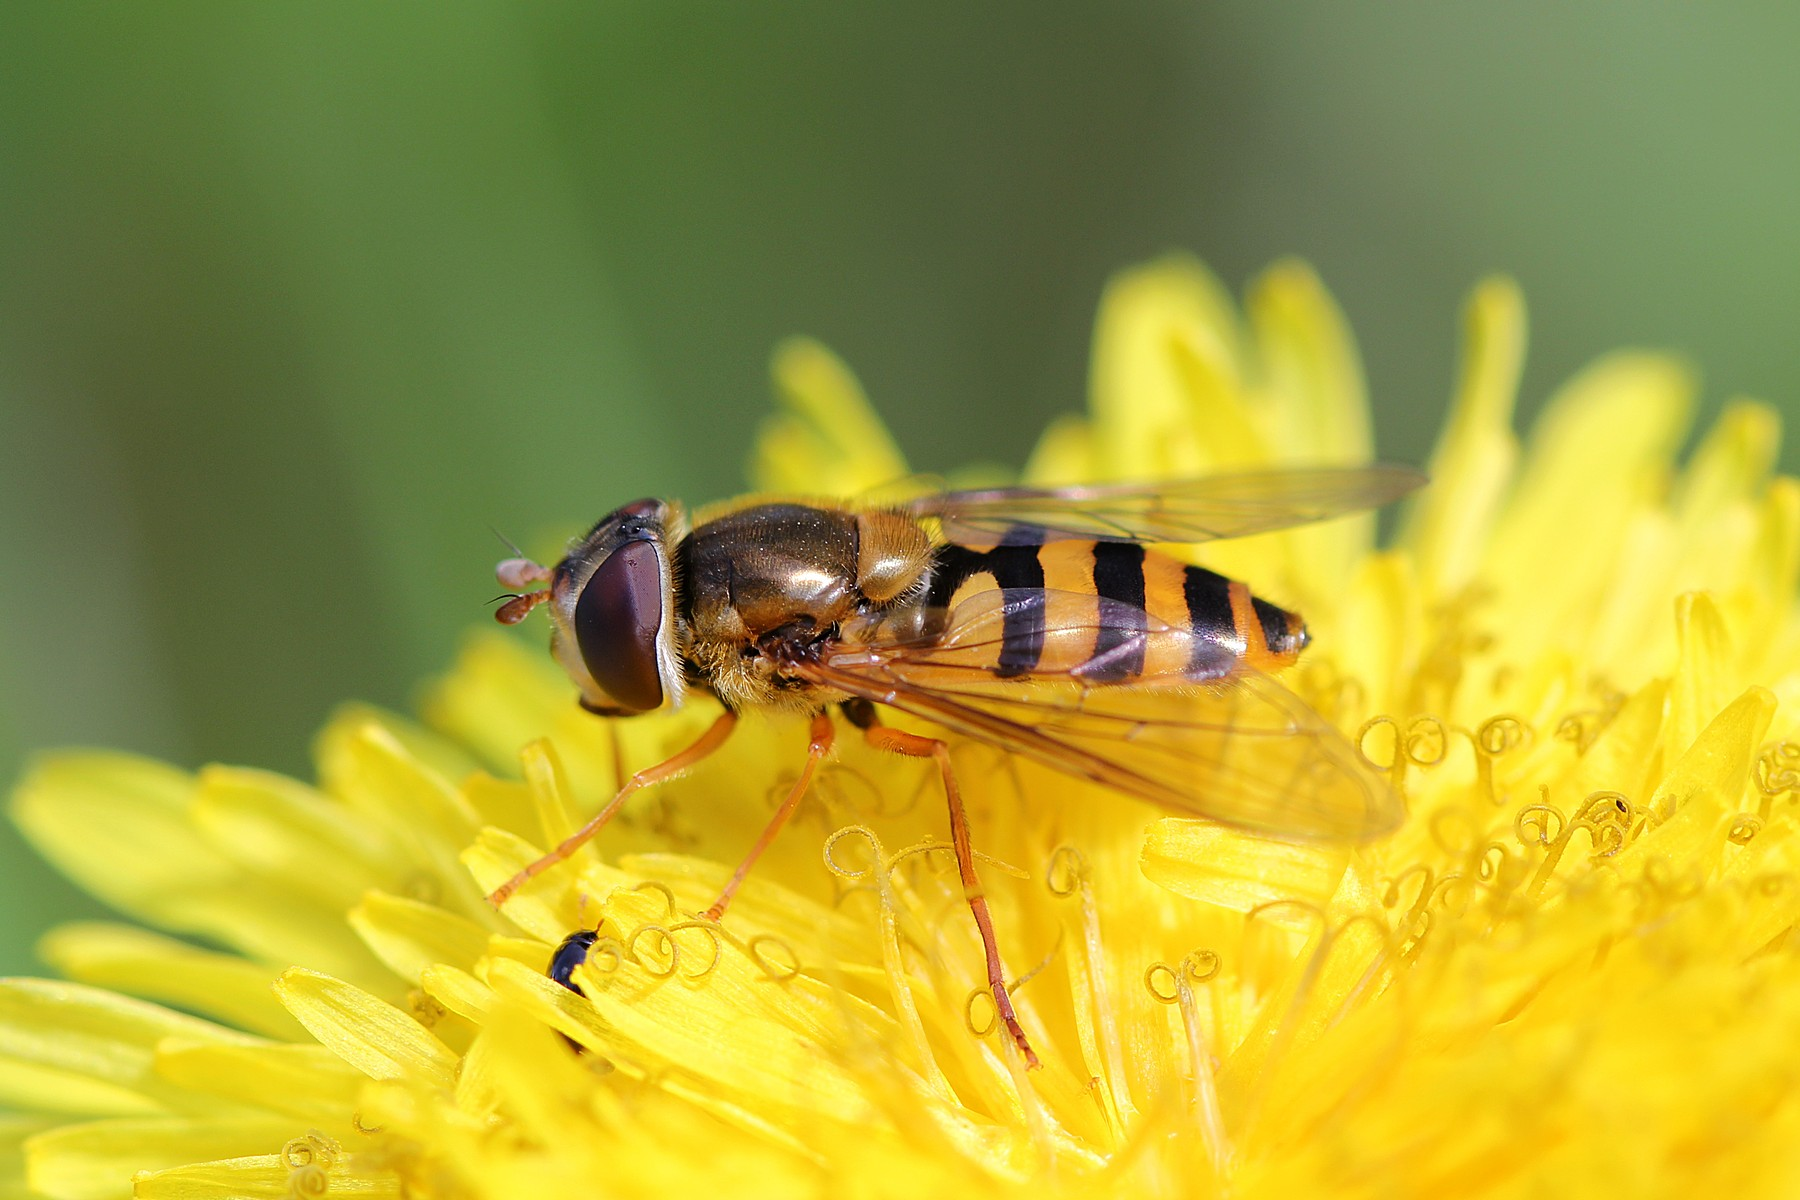 муха-журчалка на цветке